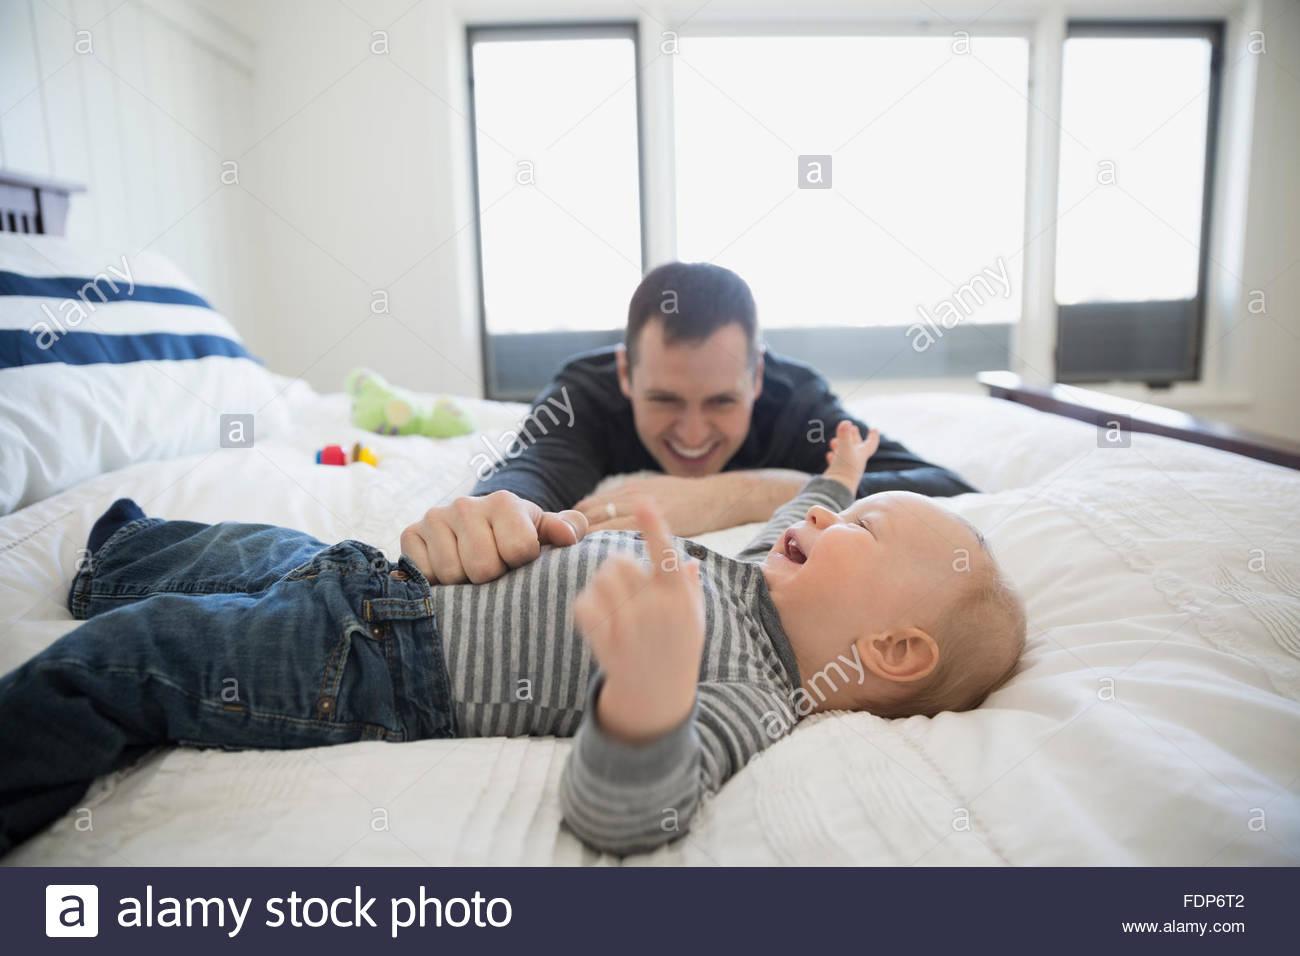 Vater und Baby Sohn lachend auf Bett Stockbild